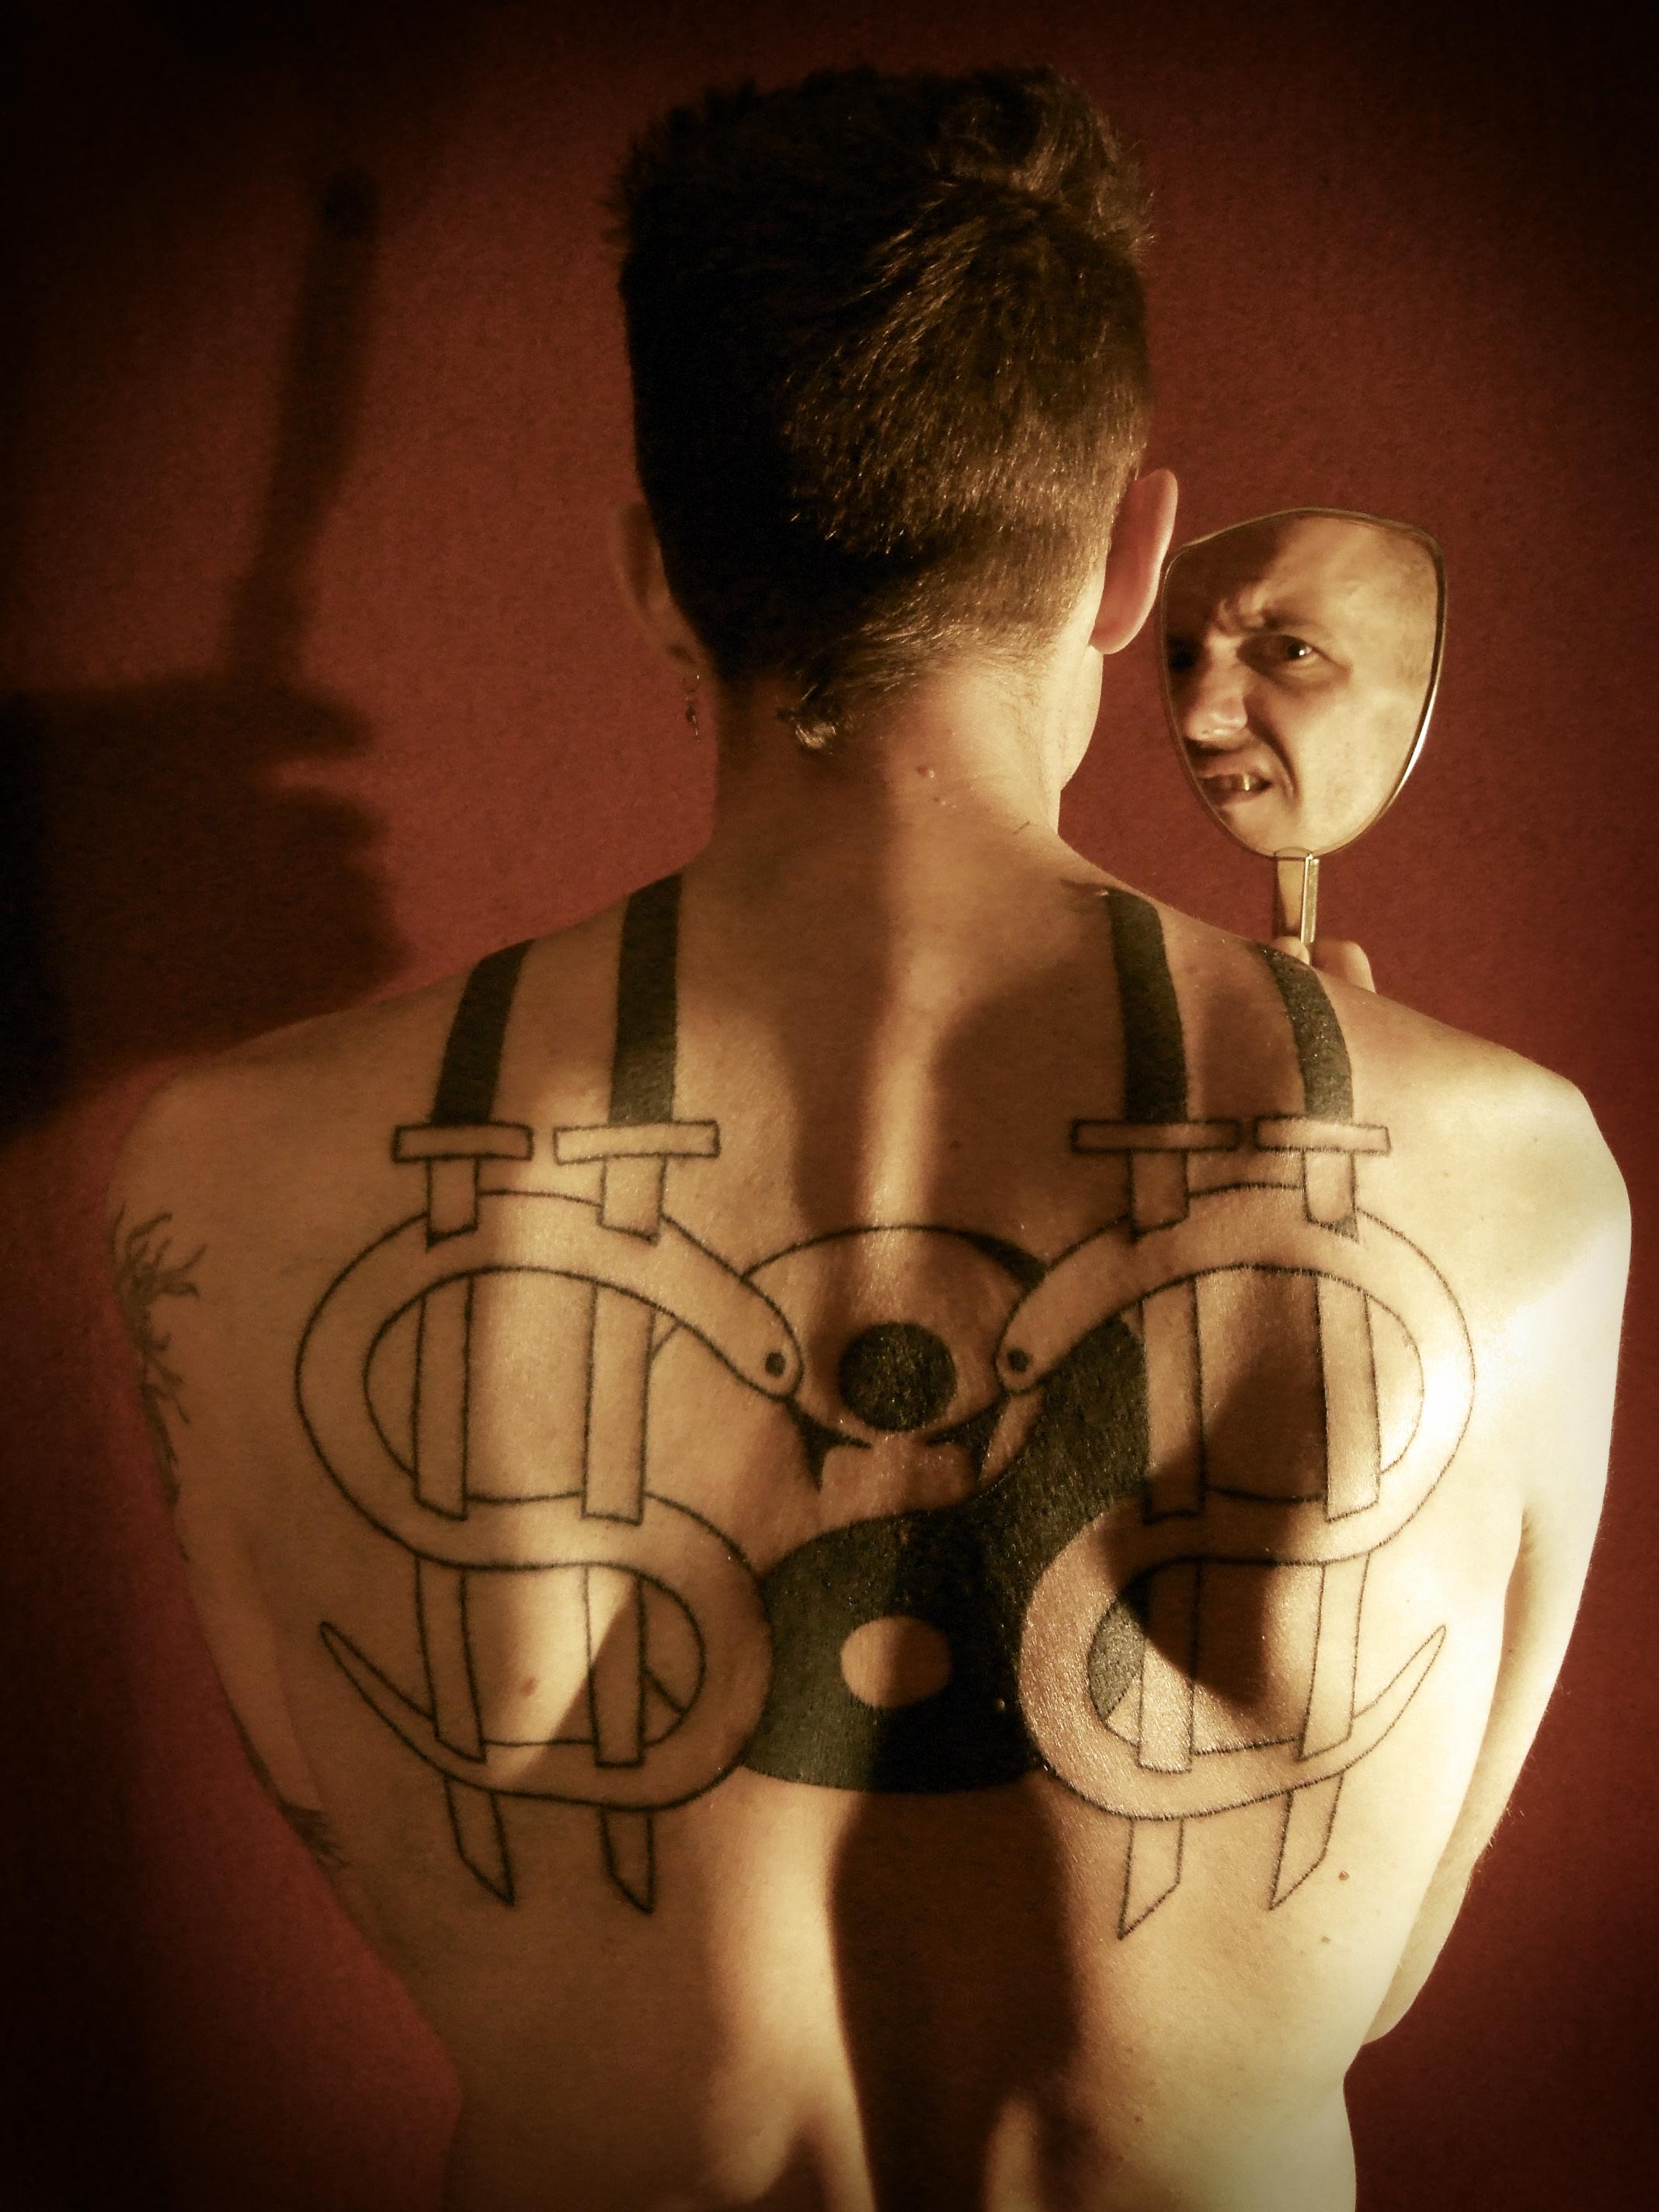 Los tatuajes y la música. Die Antwoord. | Guía de tatuajes y